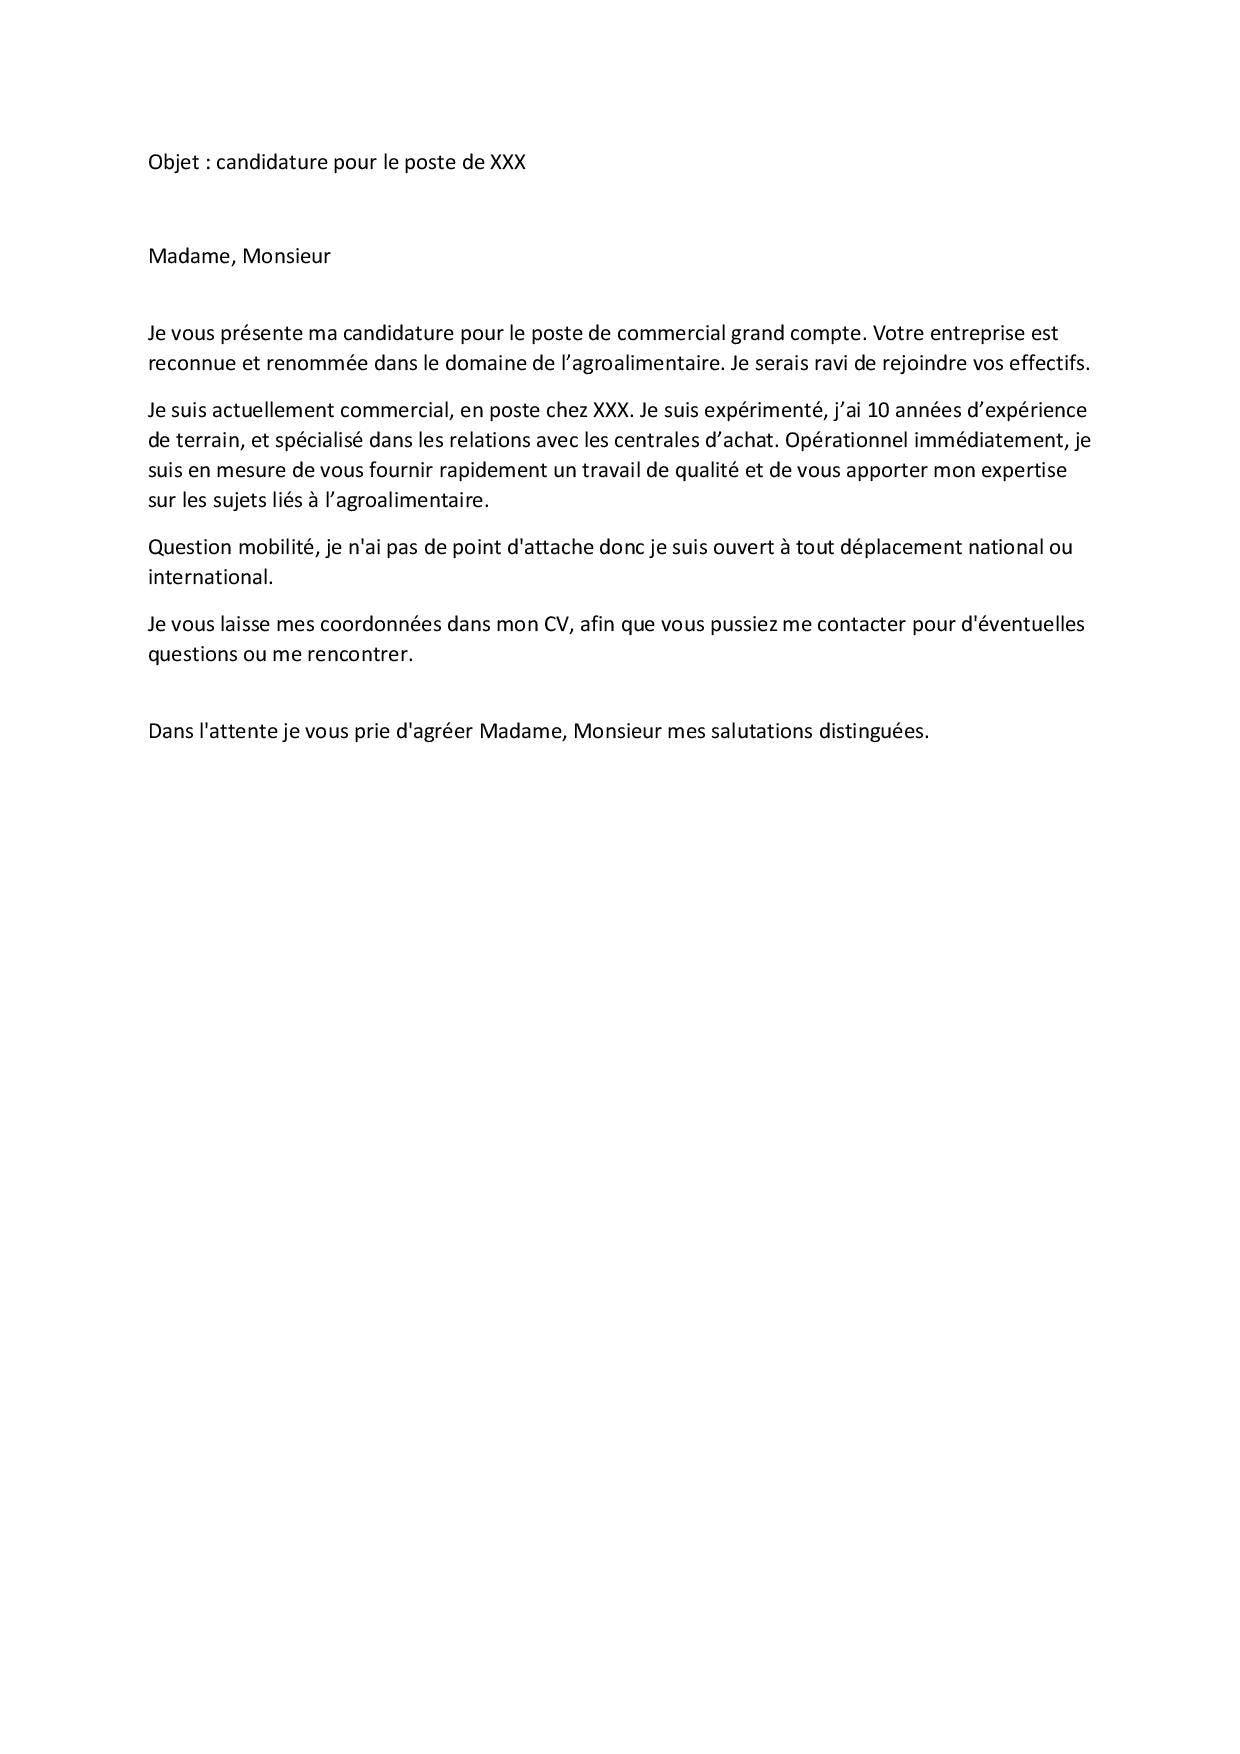 Mail De Motivation Bons Exemples Et Conseils Pour Le Reussir Cadremploi Exemple De Lettre De Motivation Lettre De Motivation Par Mail Motivation